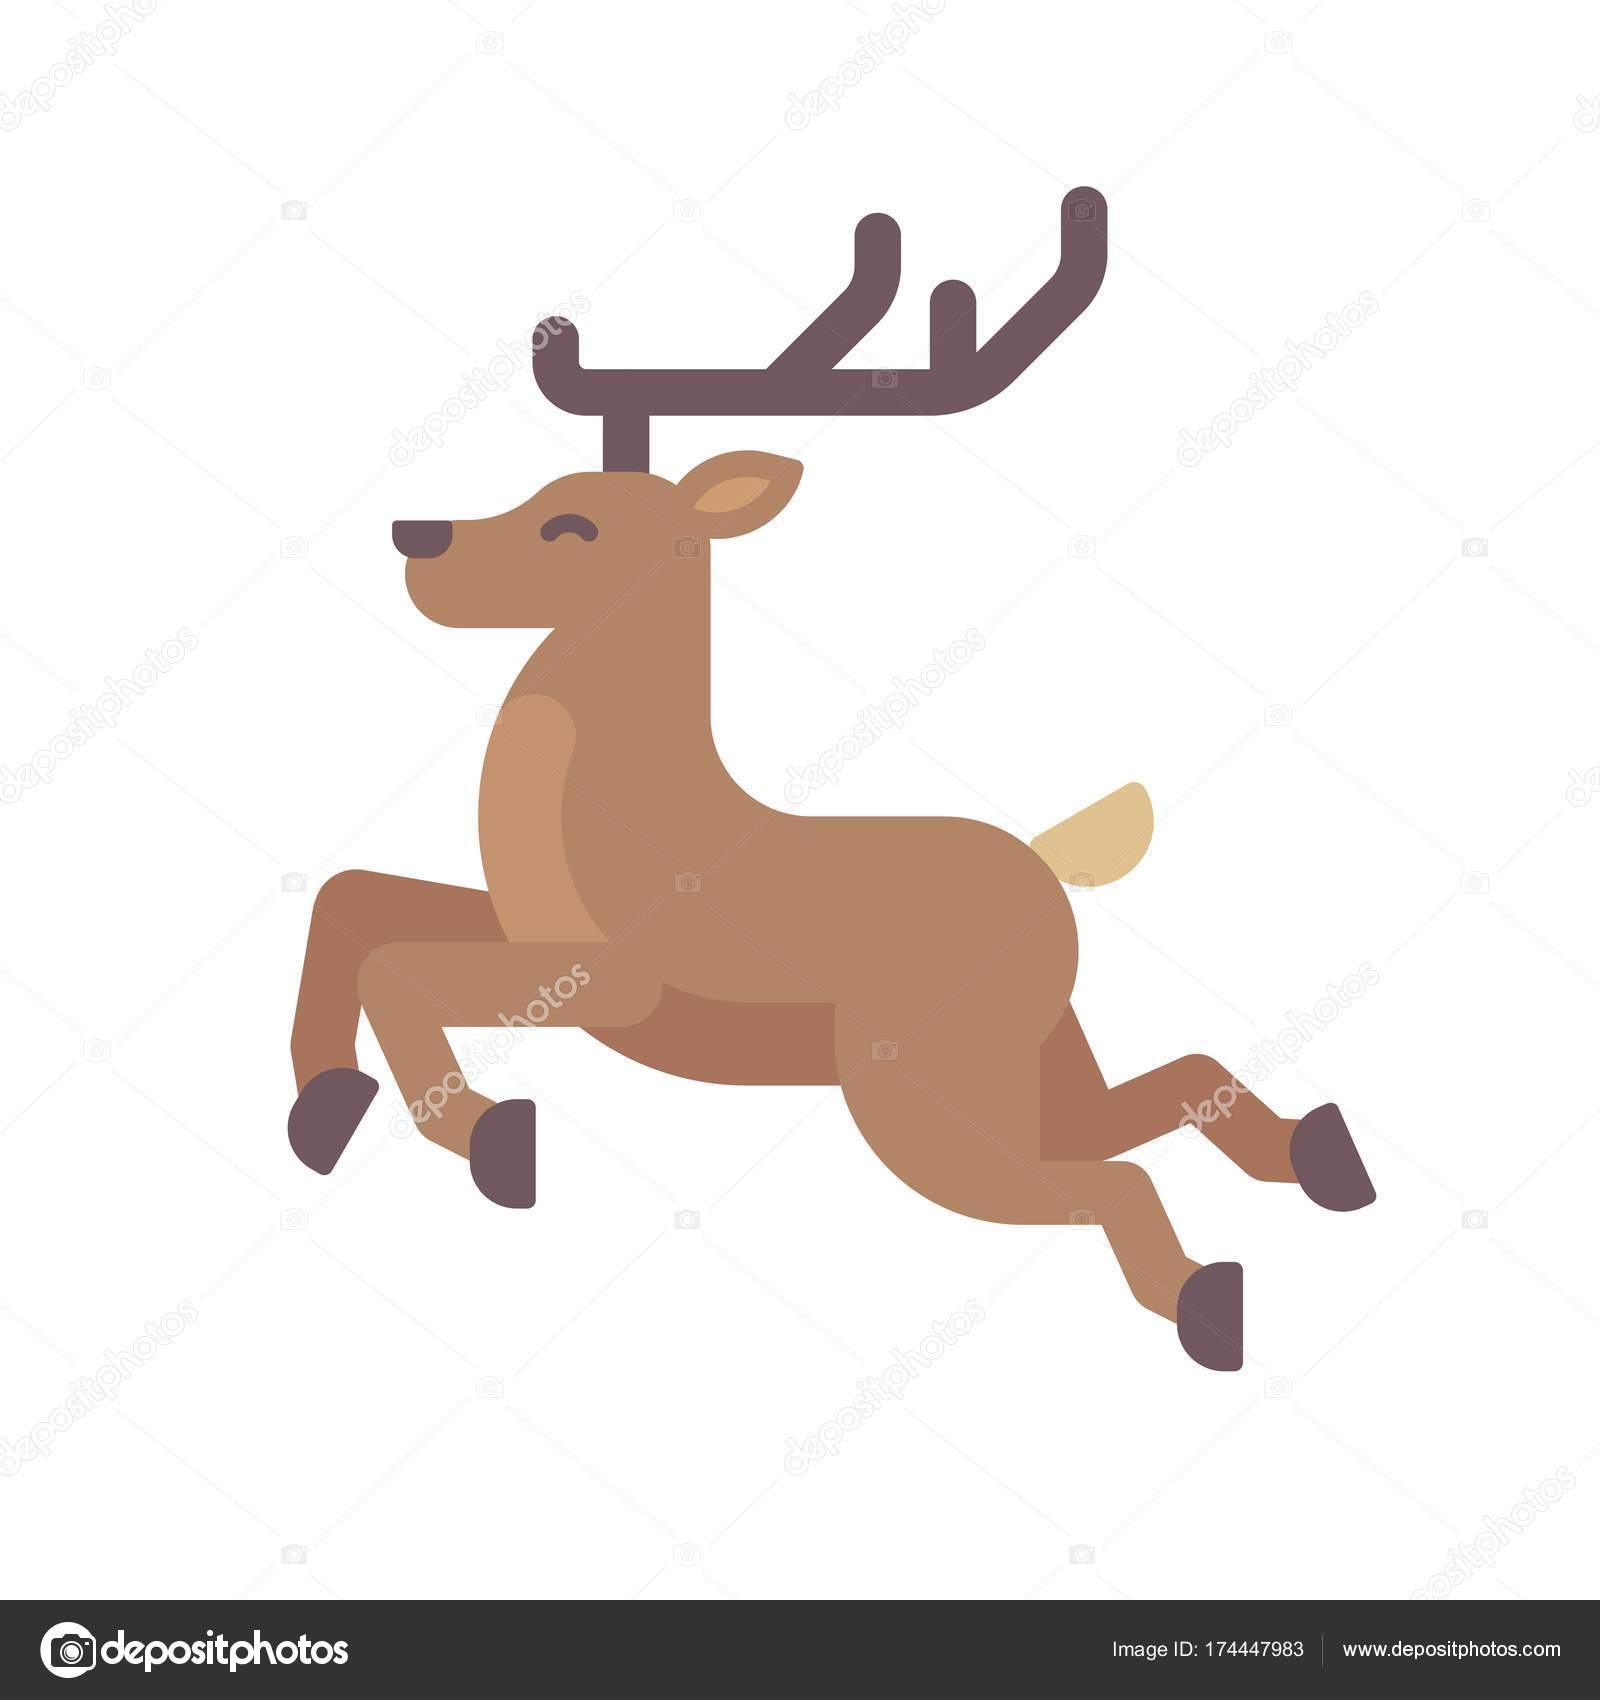 Rocking Horse Flat Illustration Toy Horse Christmas Present Flat Icon Stock Vector C Ivandubovik 174447983